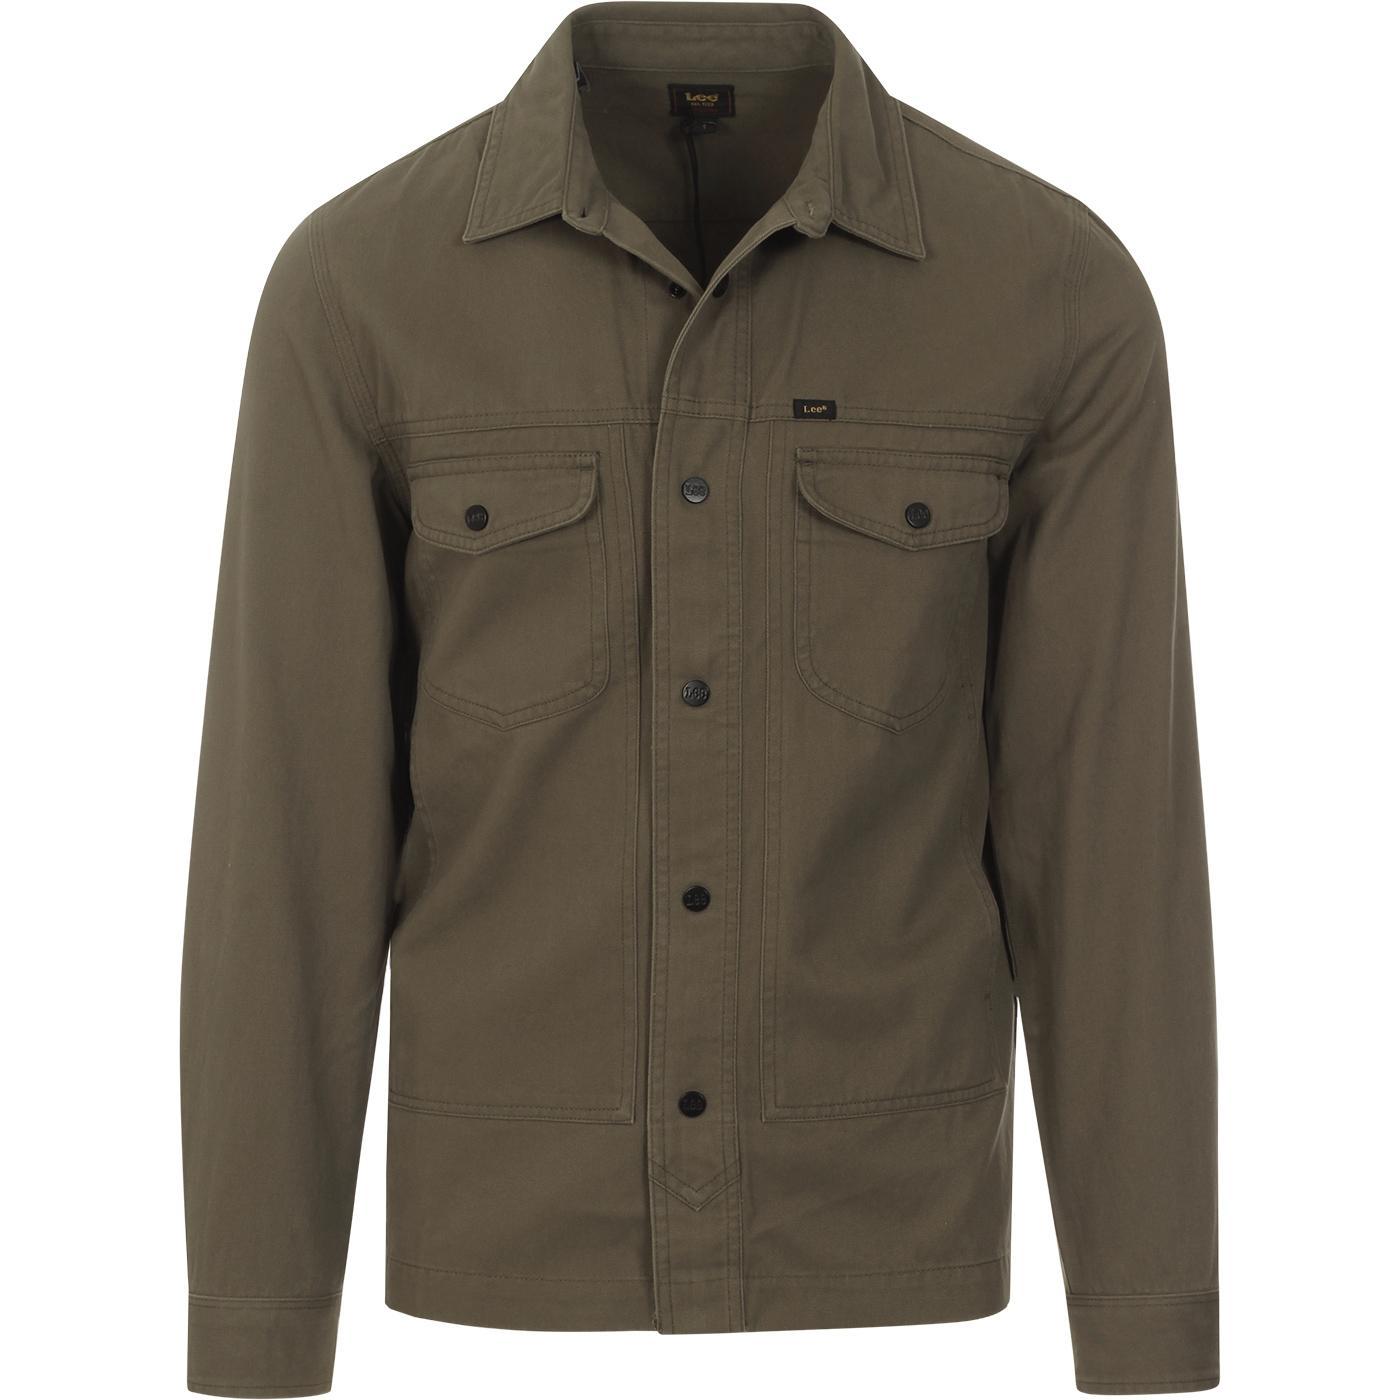 LEE Men's Retro Military Worker Over Shirt (OG)